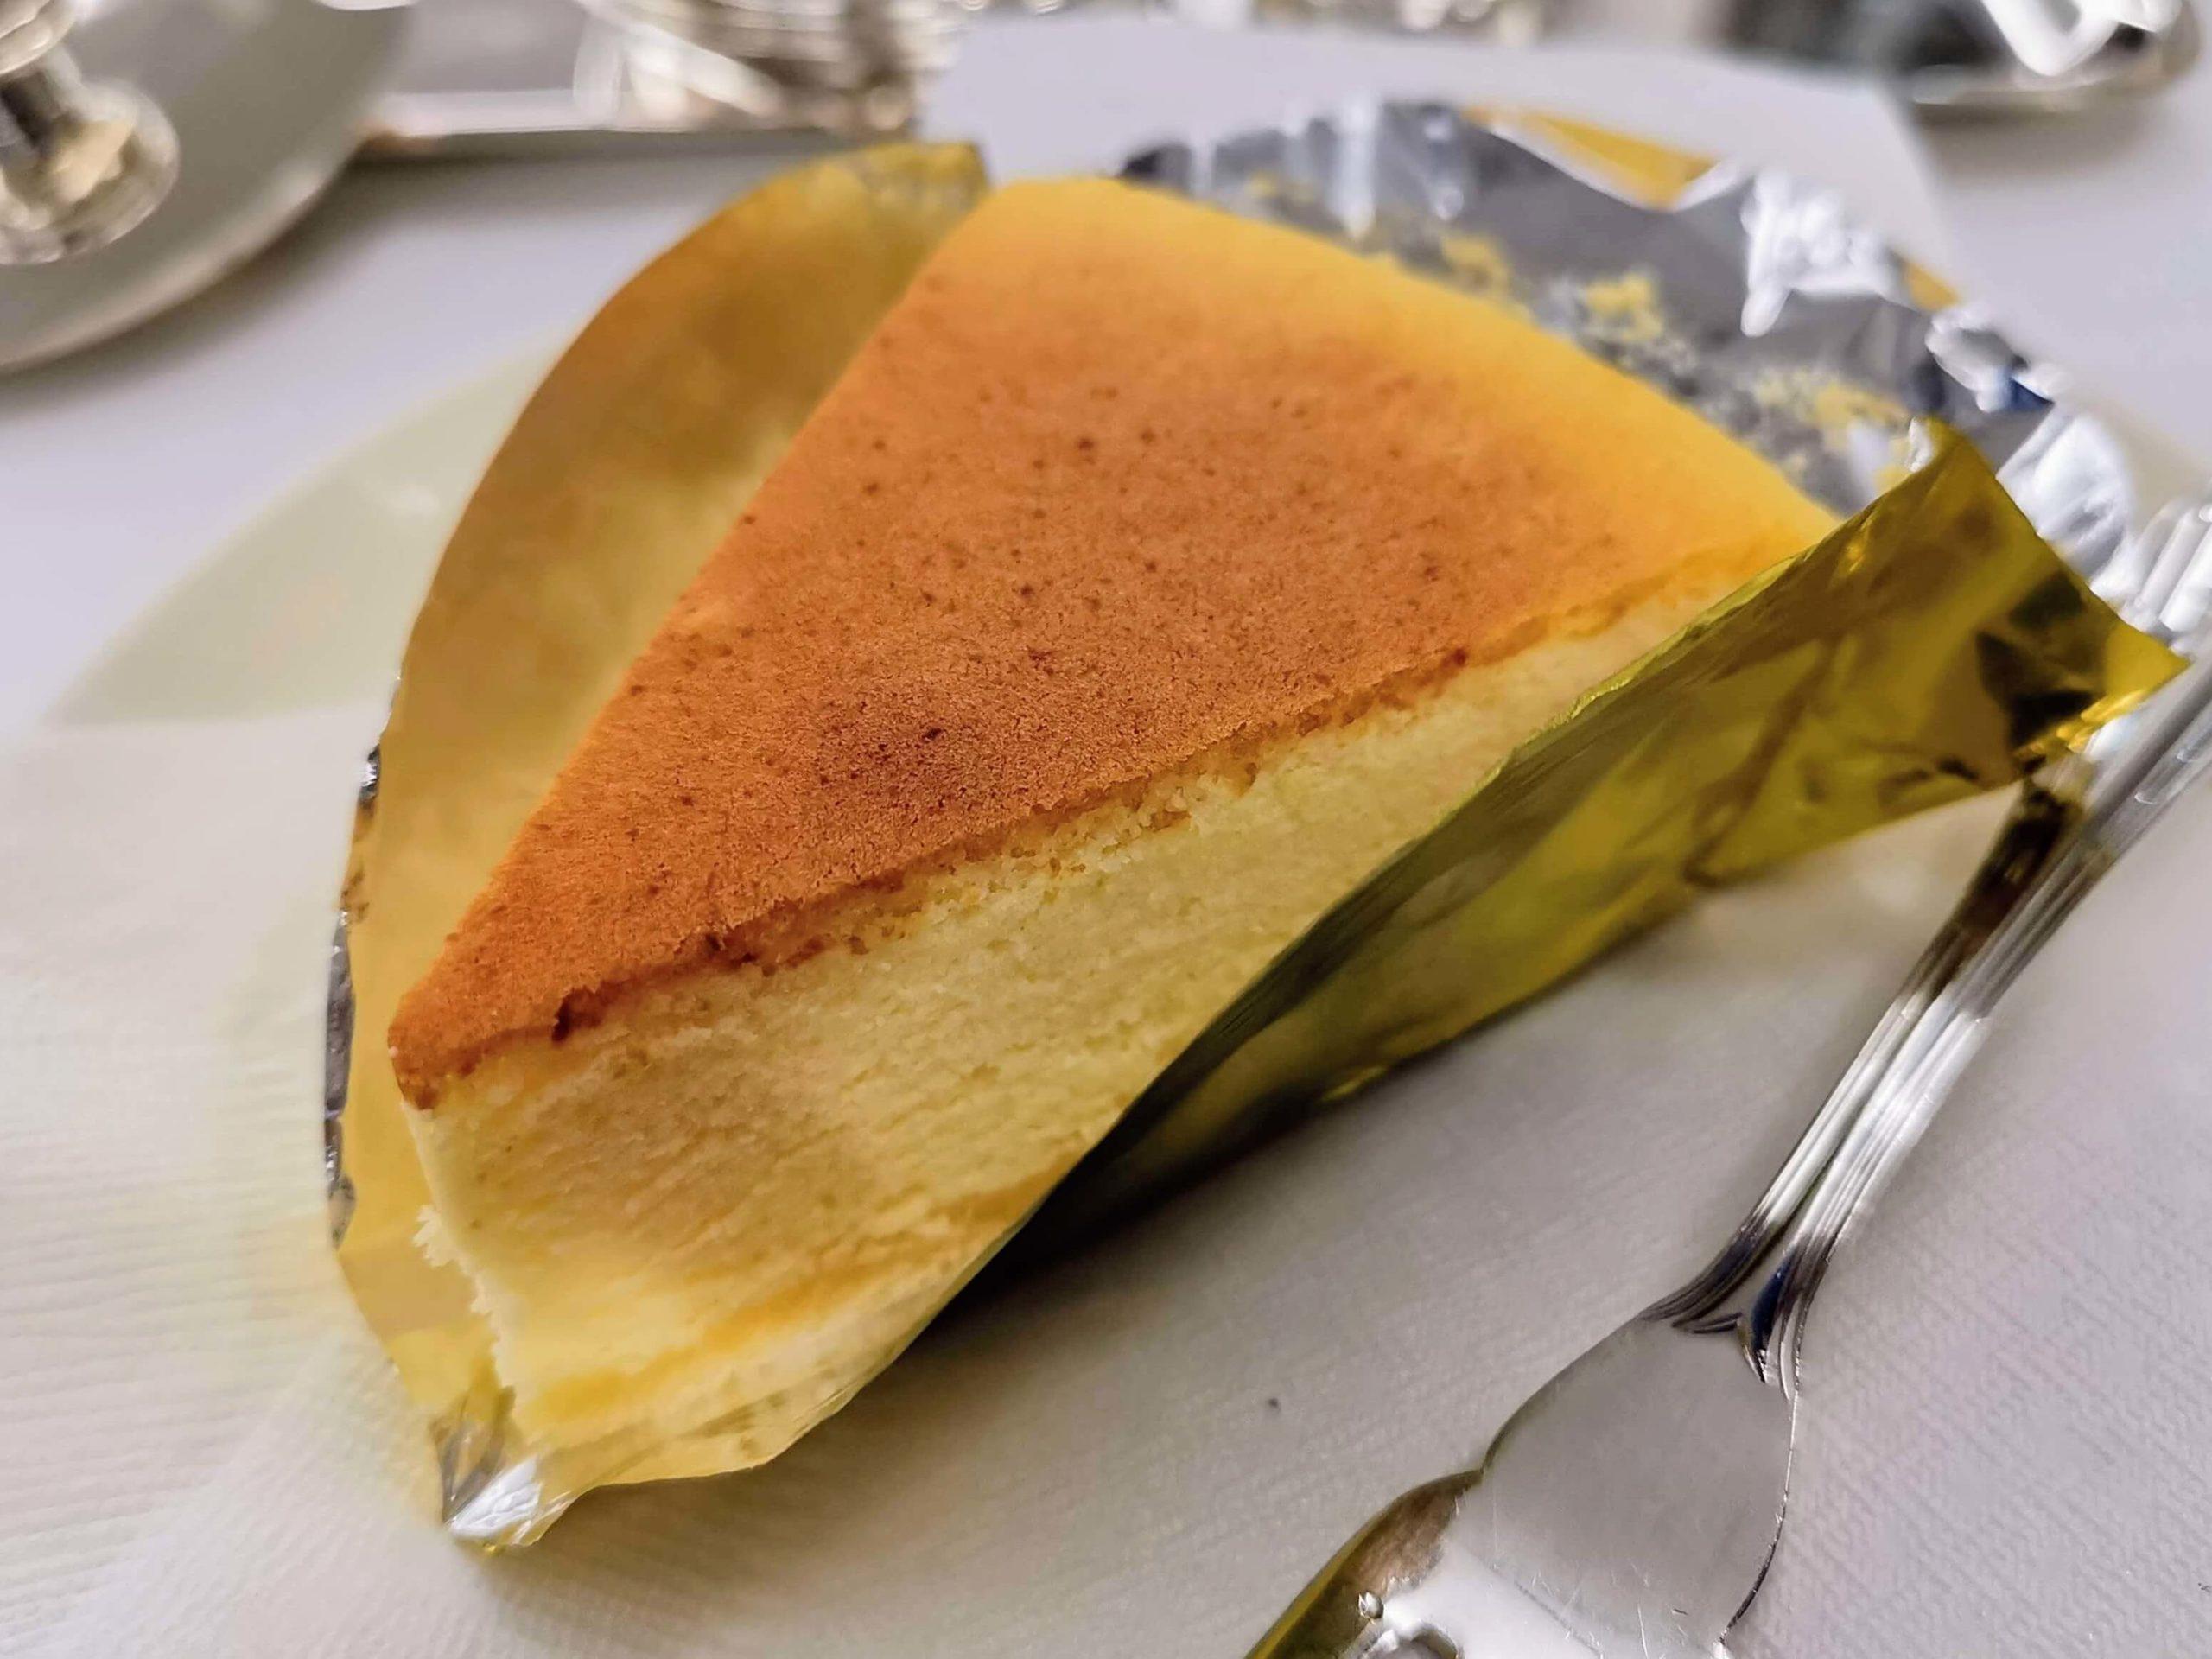 銀座ウエスト チーズケーキ (6)